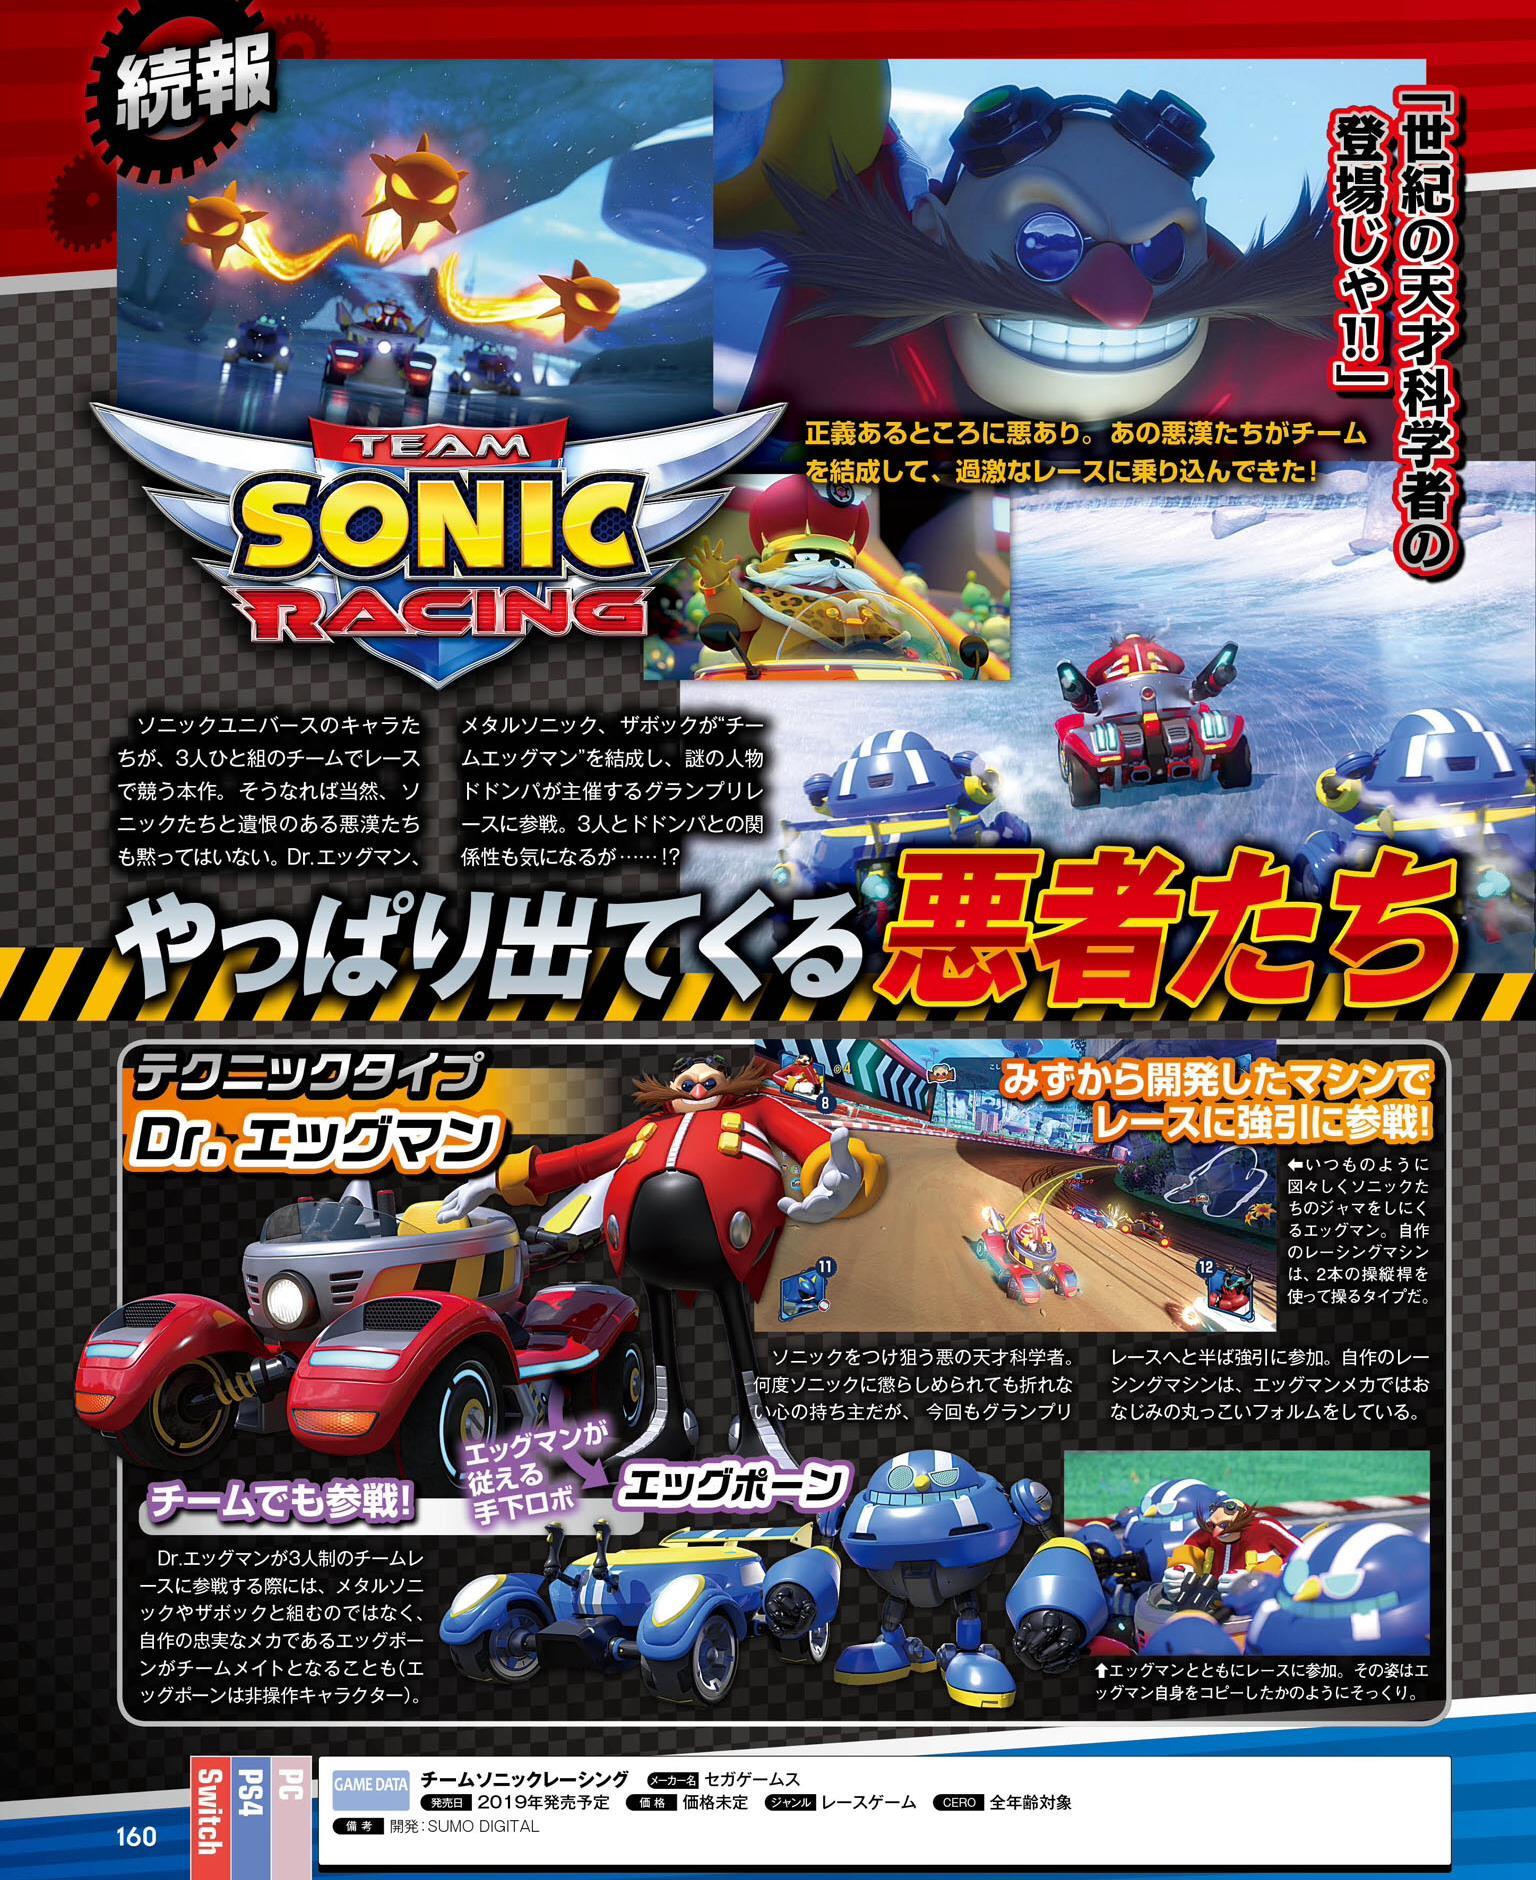 Team Sonic Racing Reveals Doctors Mine Track Nintendo